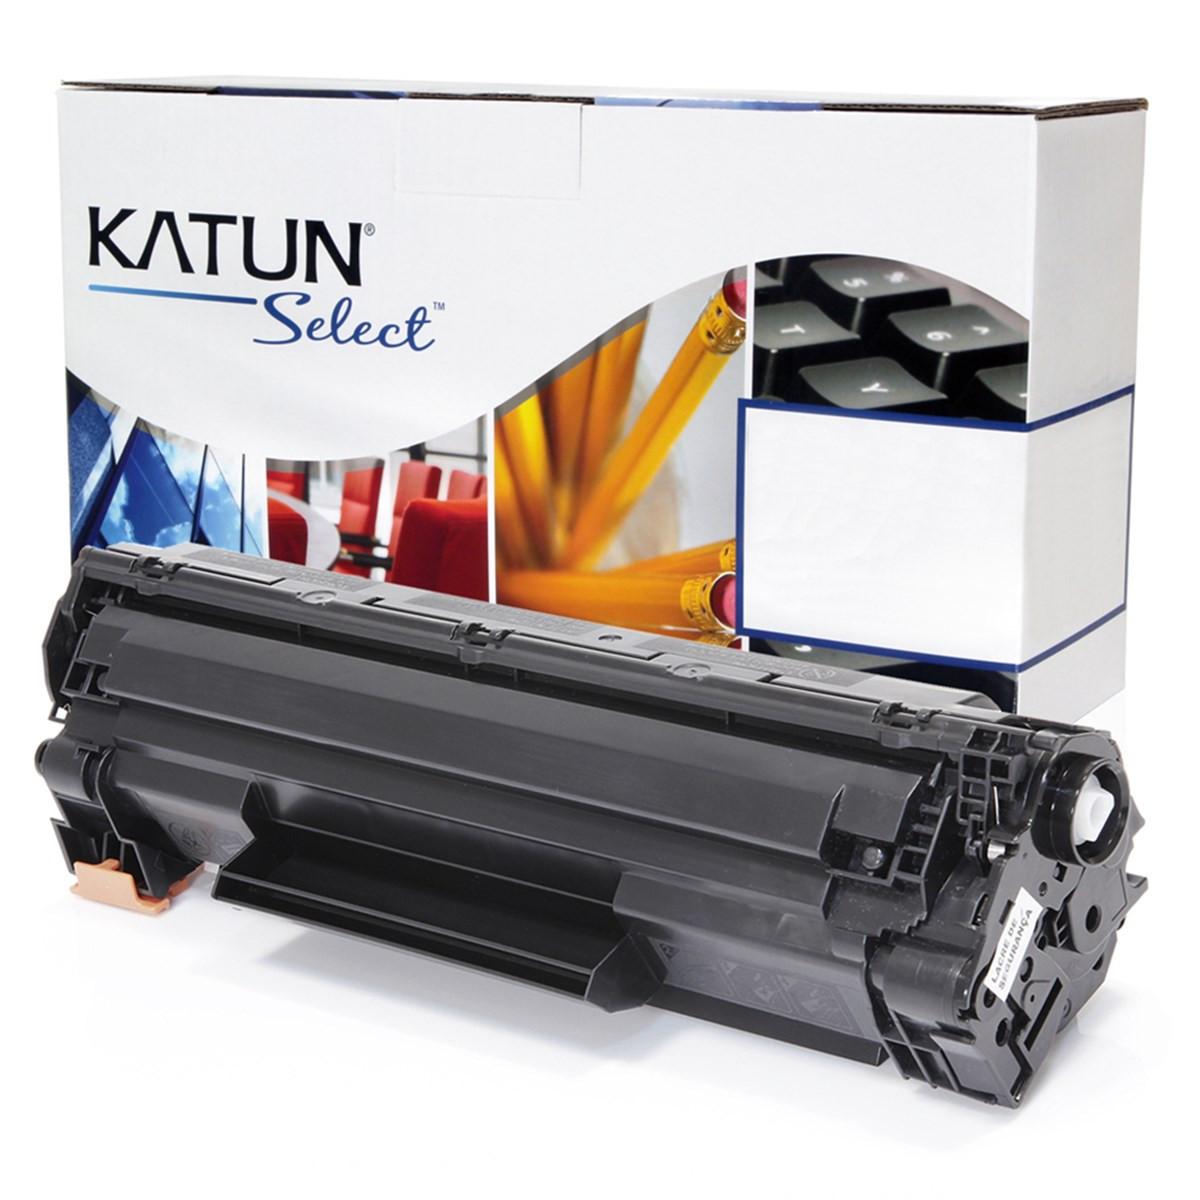 Toner Compatível com HP CB435A CB436A CE285A Universal   P1102 P1005 P1505 P1006   Katun Select 2k